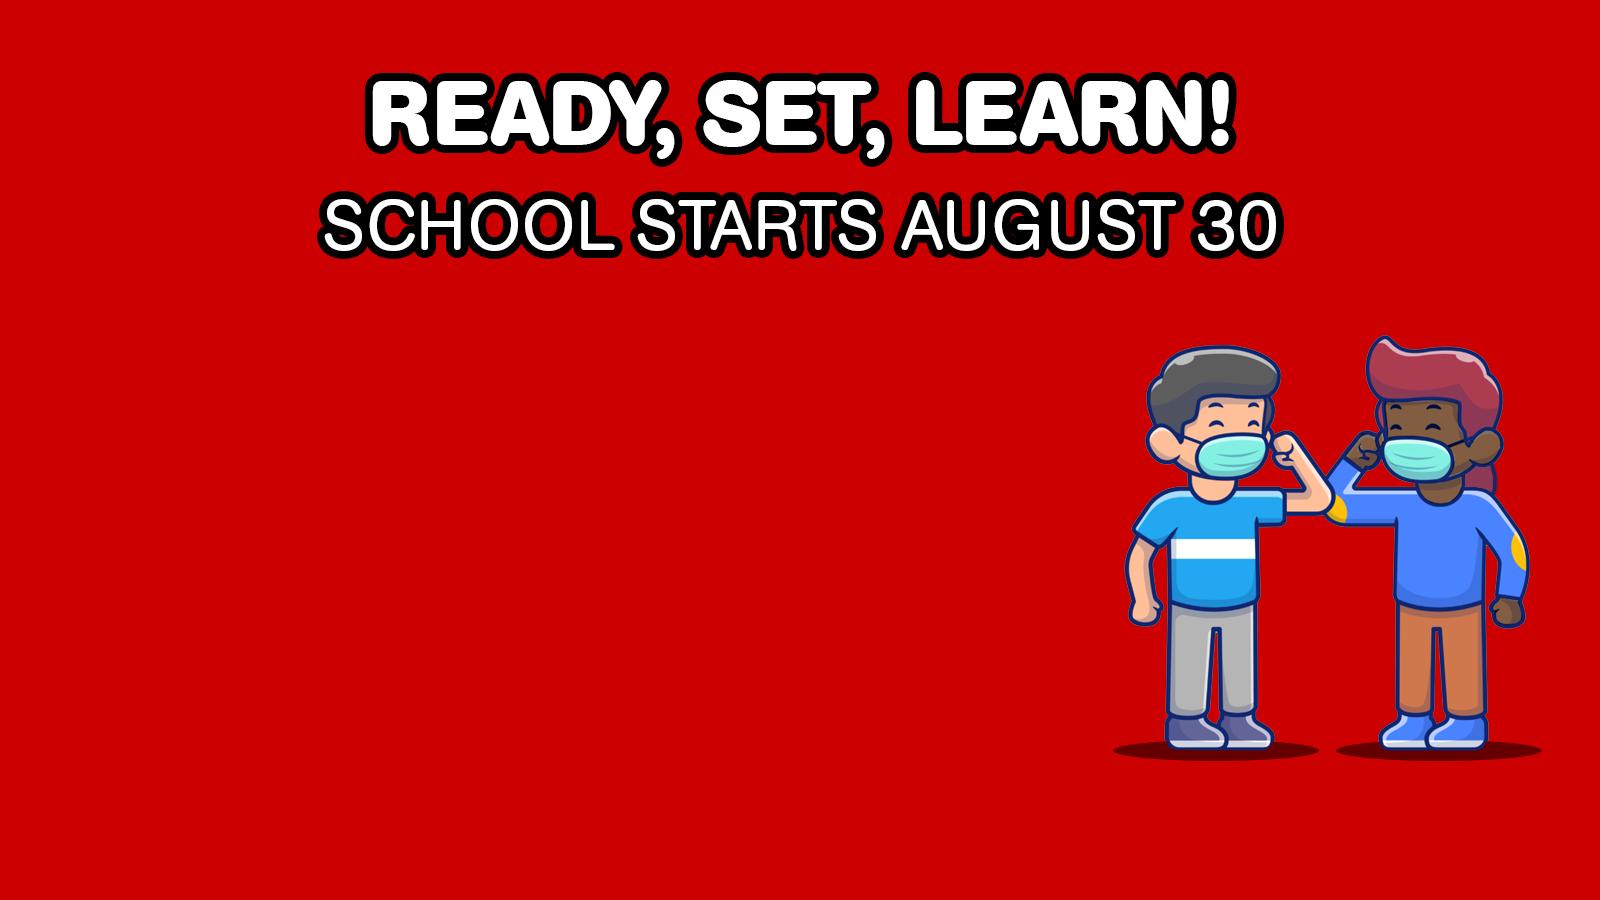 Ready, Set, Learn!